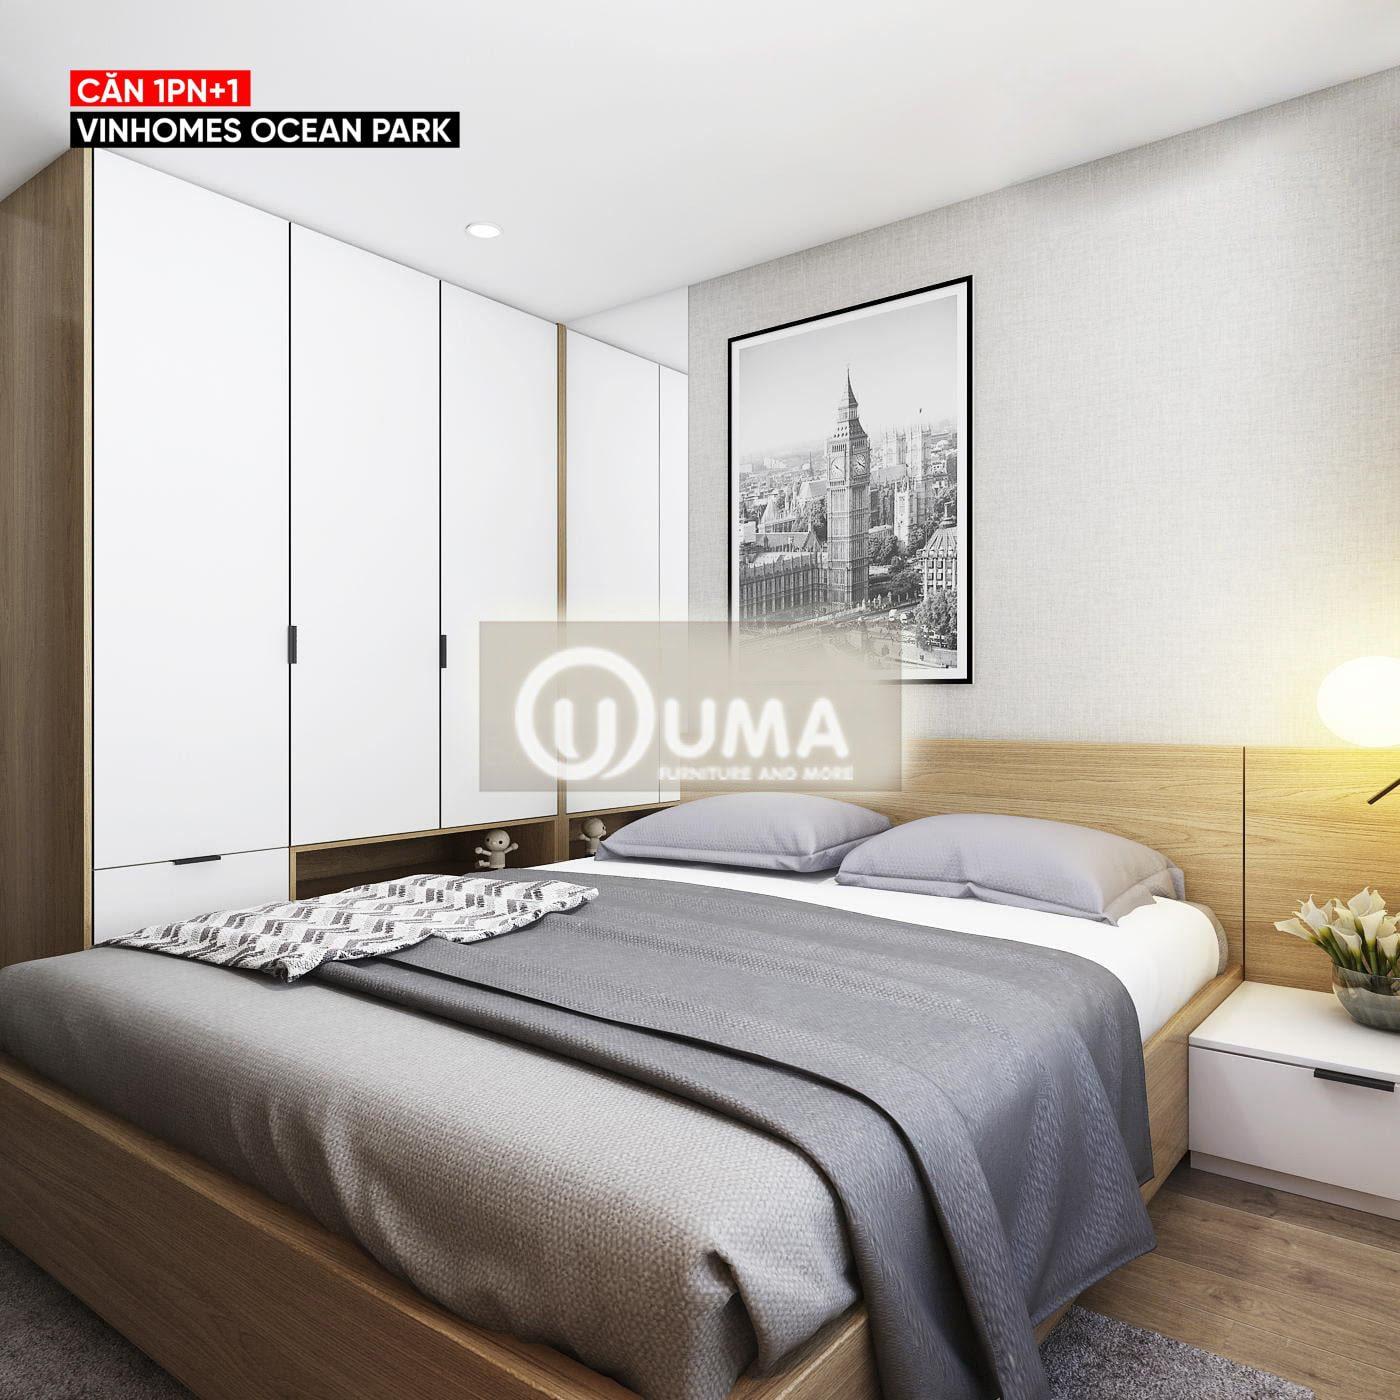 Phòng ngủ sử dụng giường hộp cùng tủ quần áo bắn sát vào tường